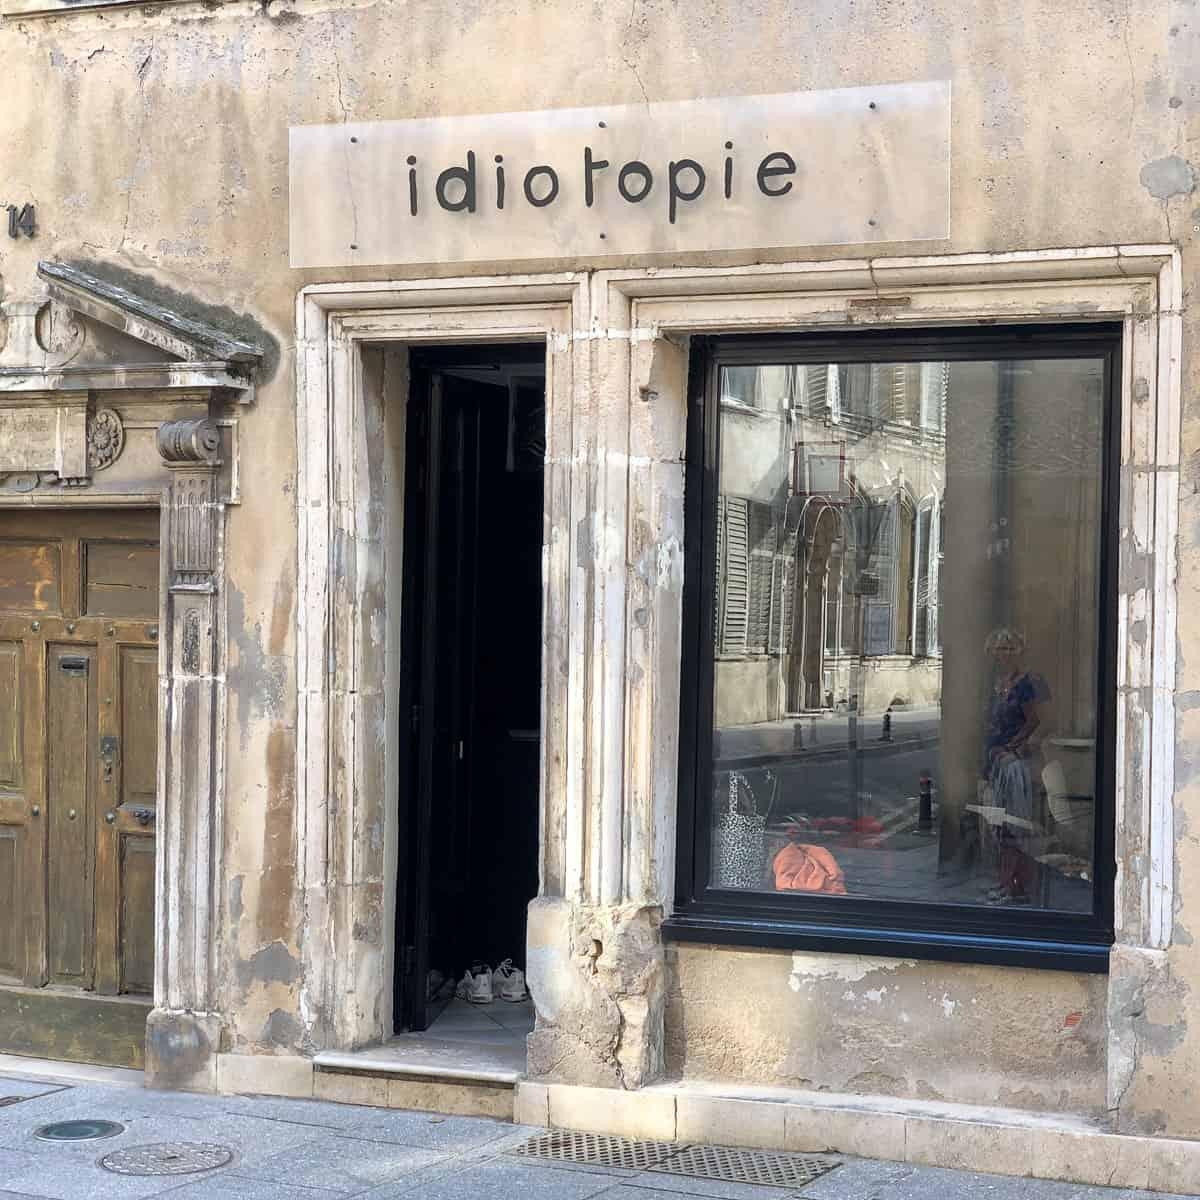 Idiotopie